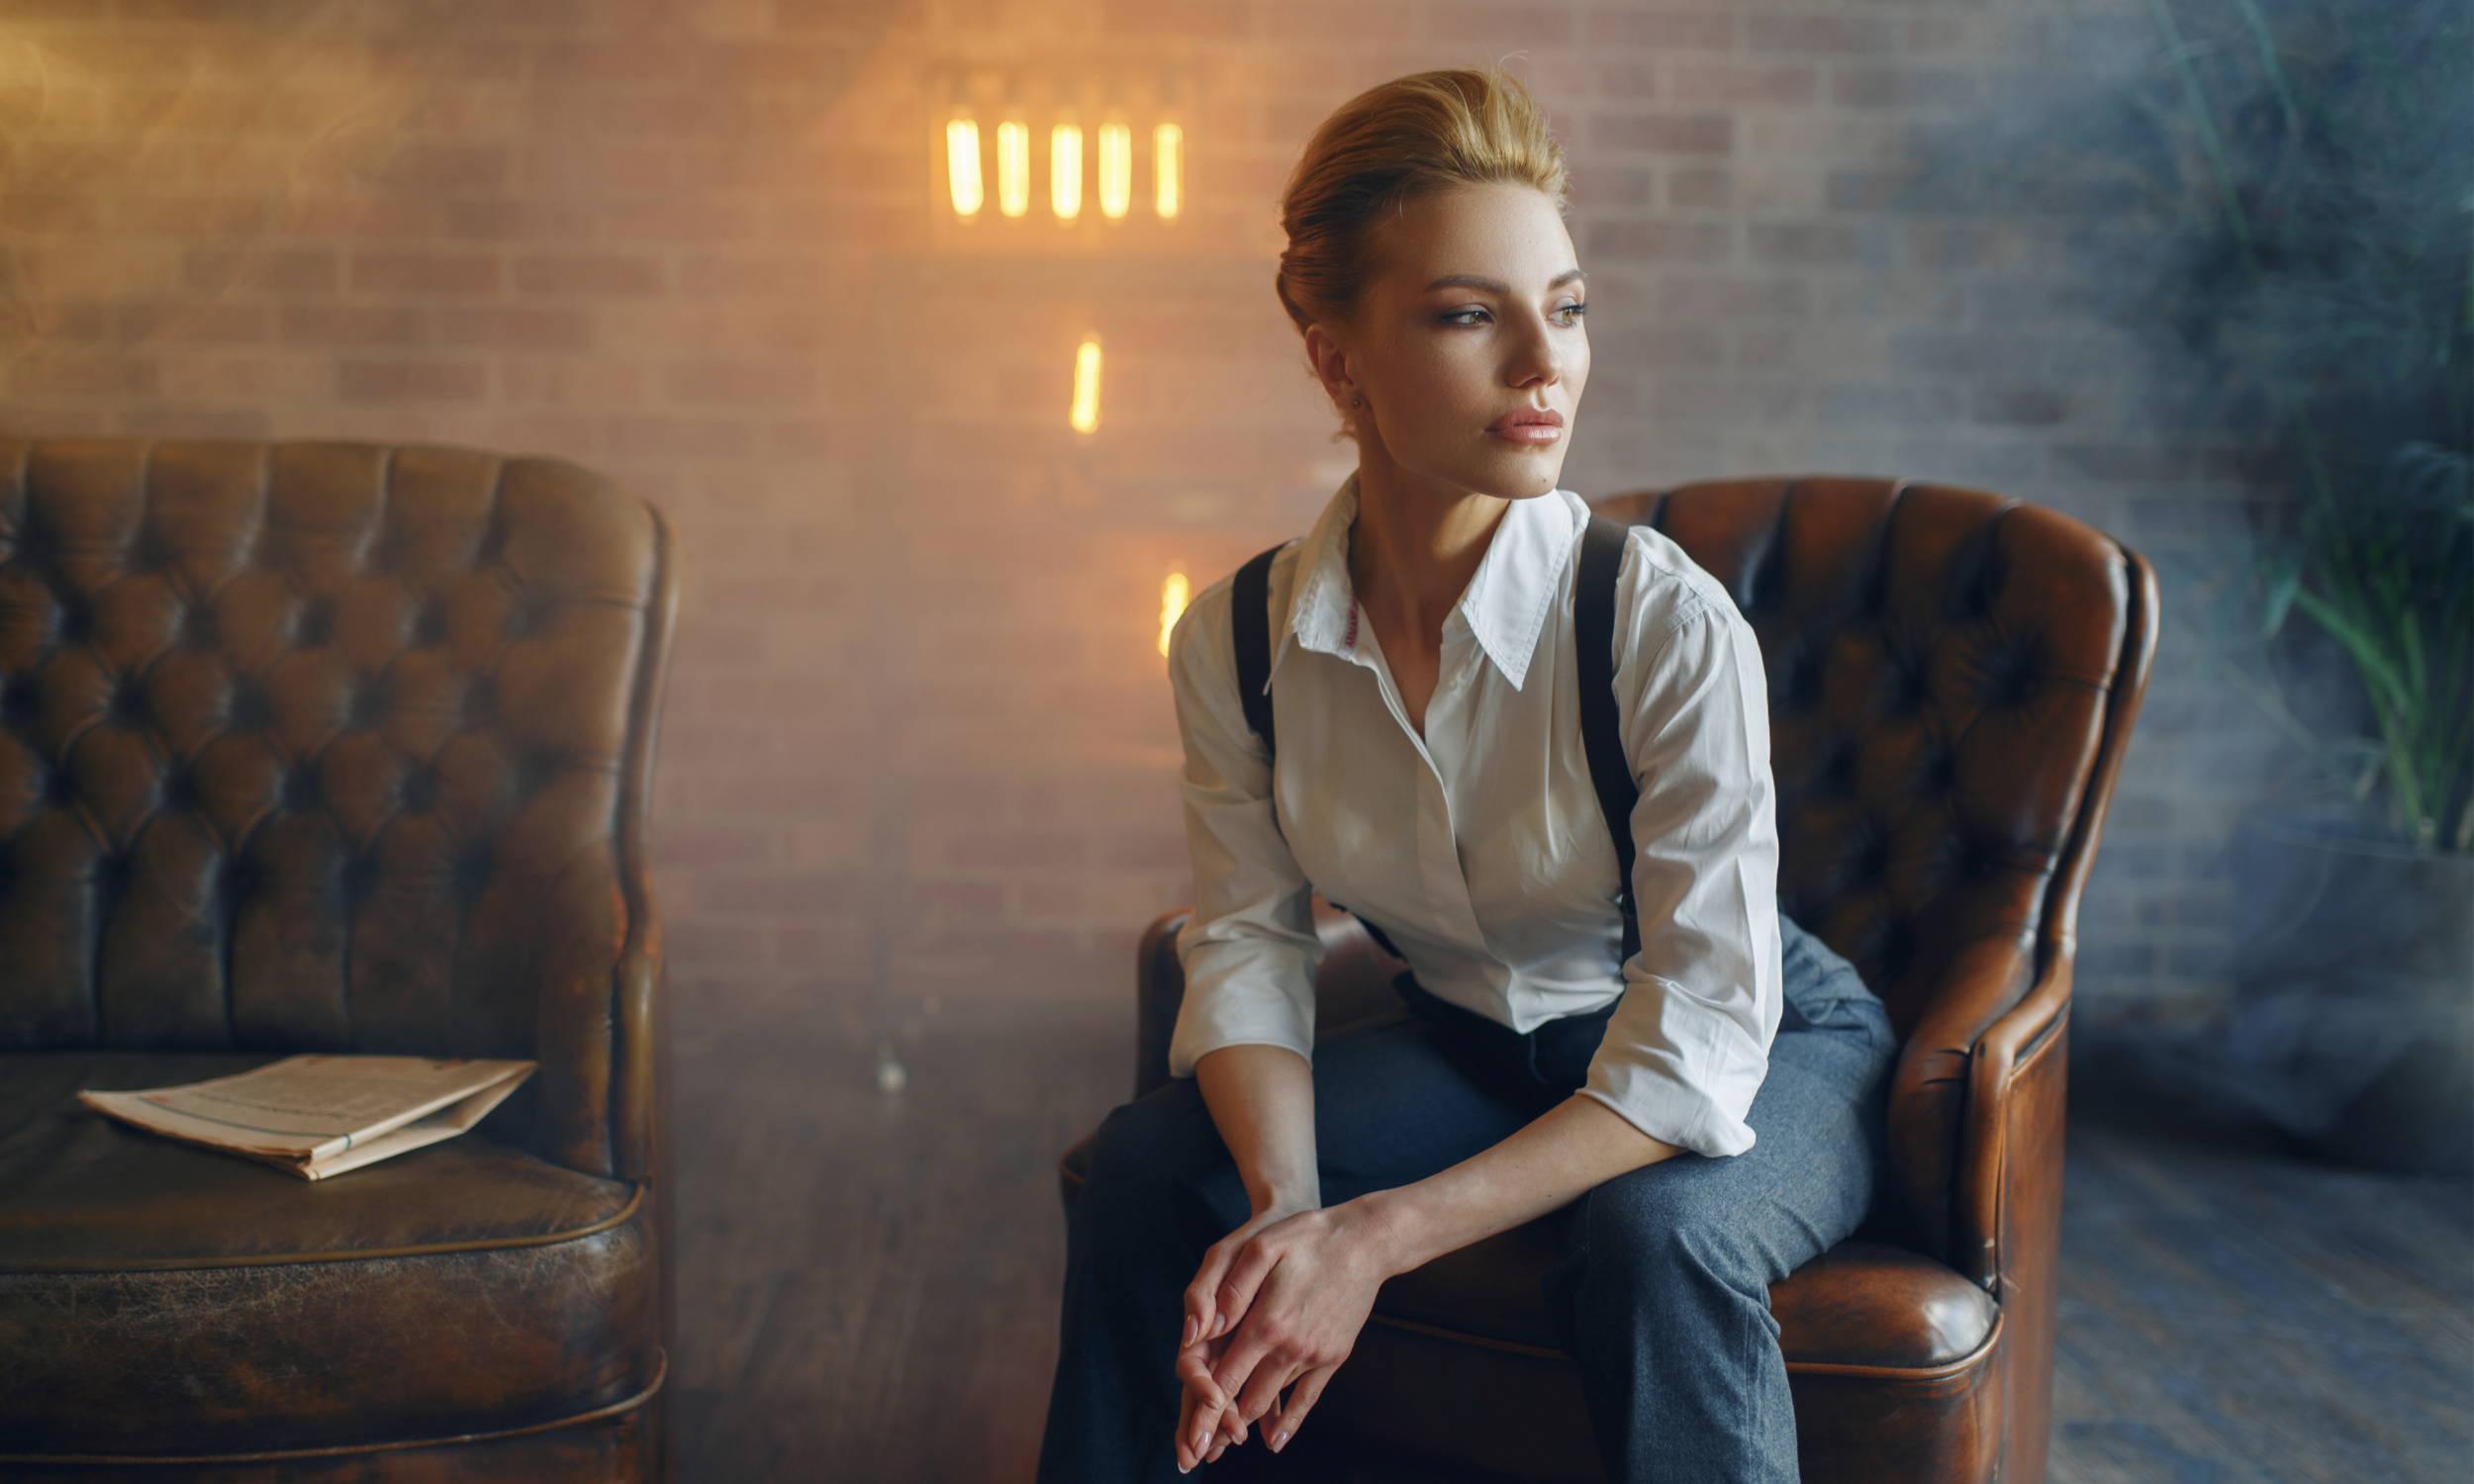 Woman Wearing Suspenders